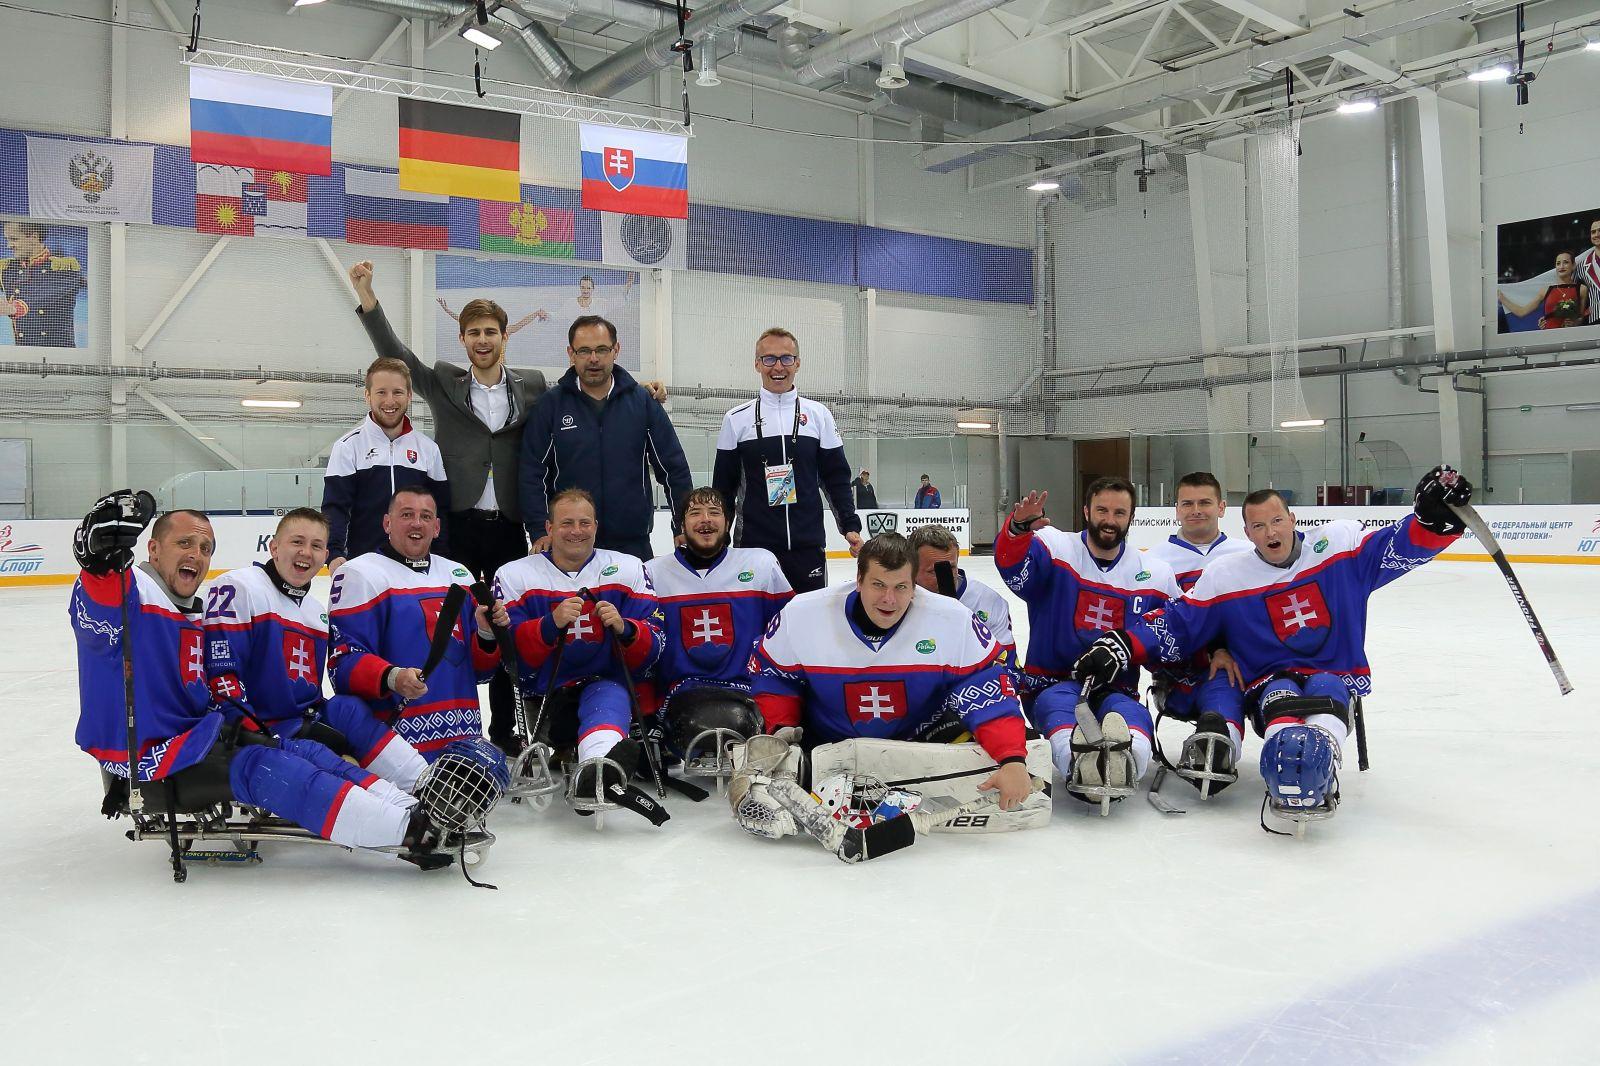 Сборная команда Словакии по хоккею-следж высоко оценила организацию Кубка Континента 2019 в Сочи